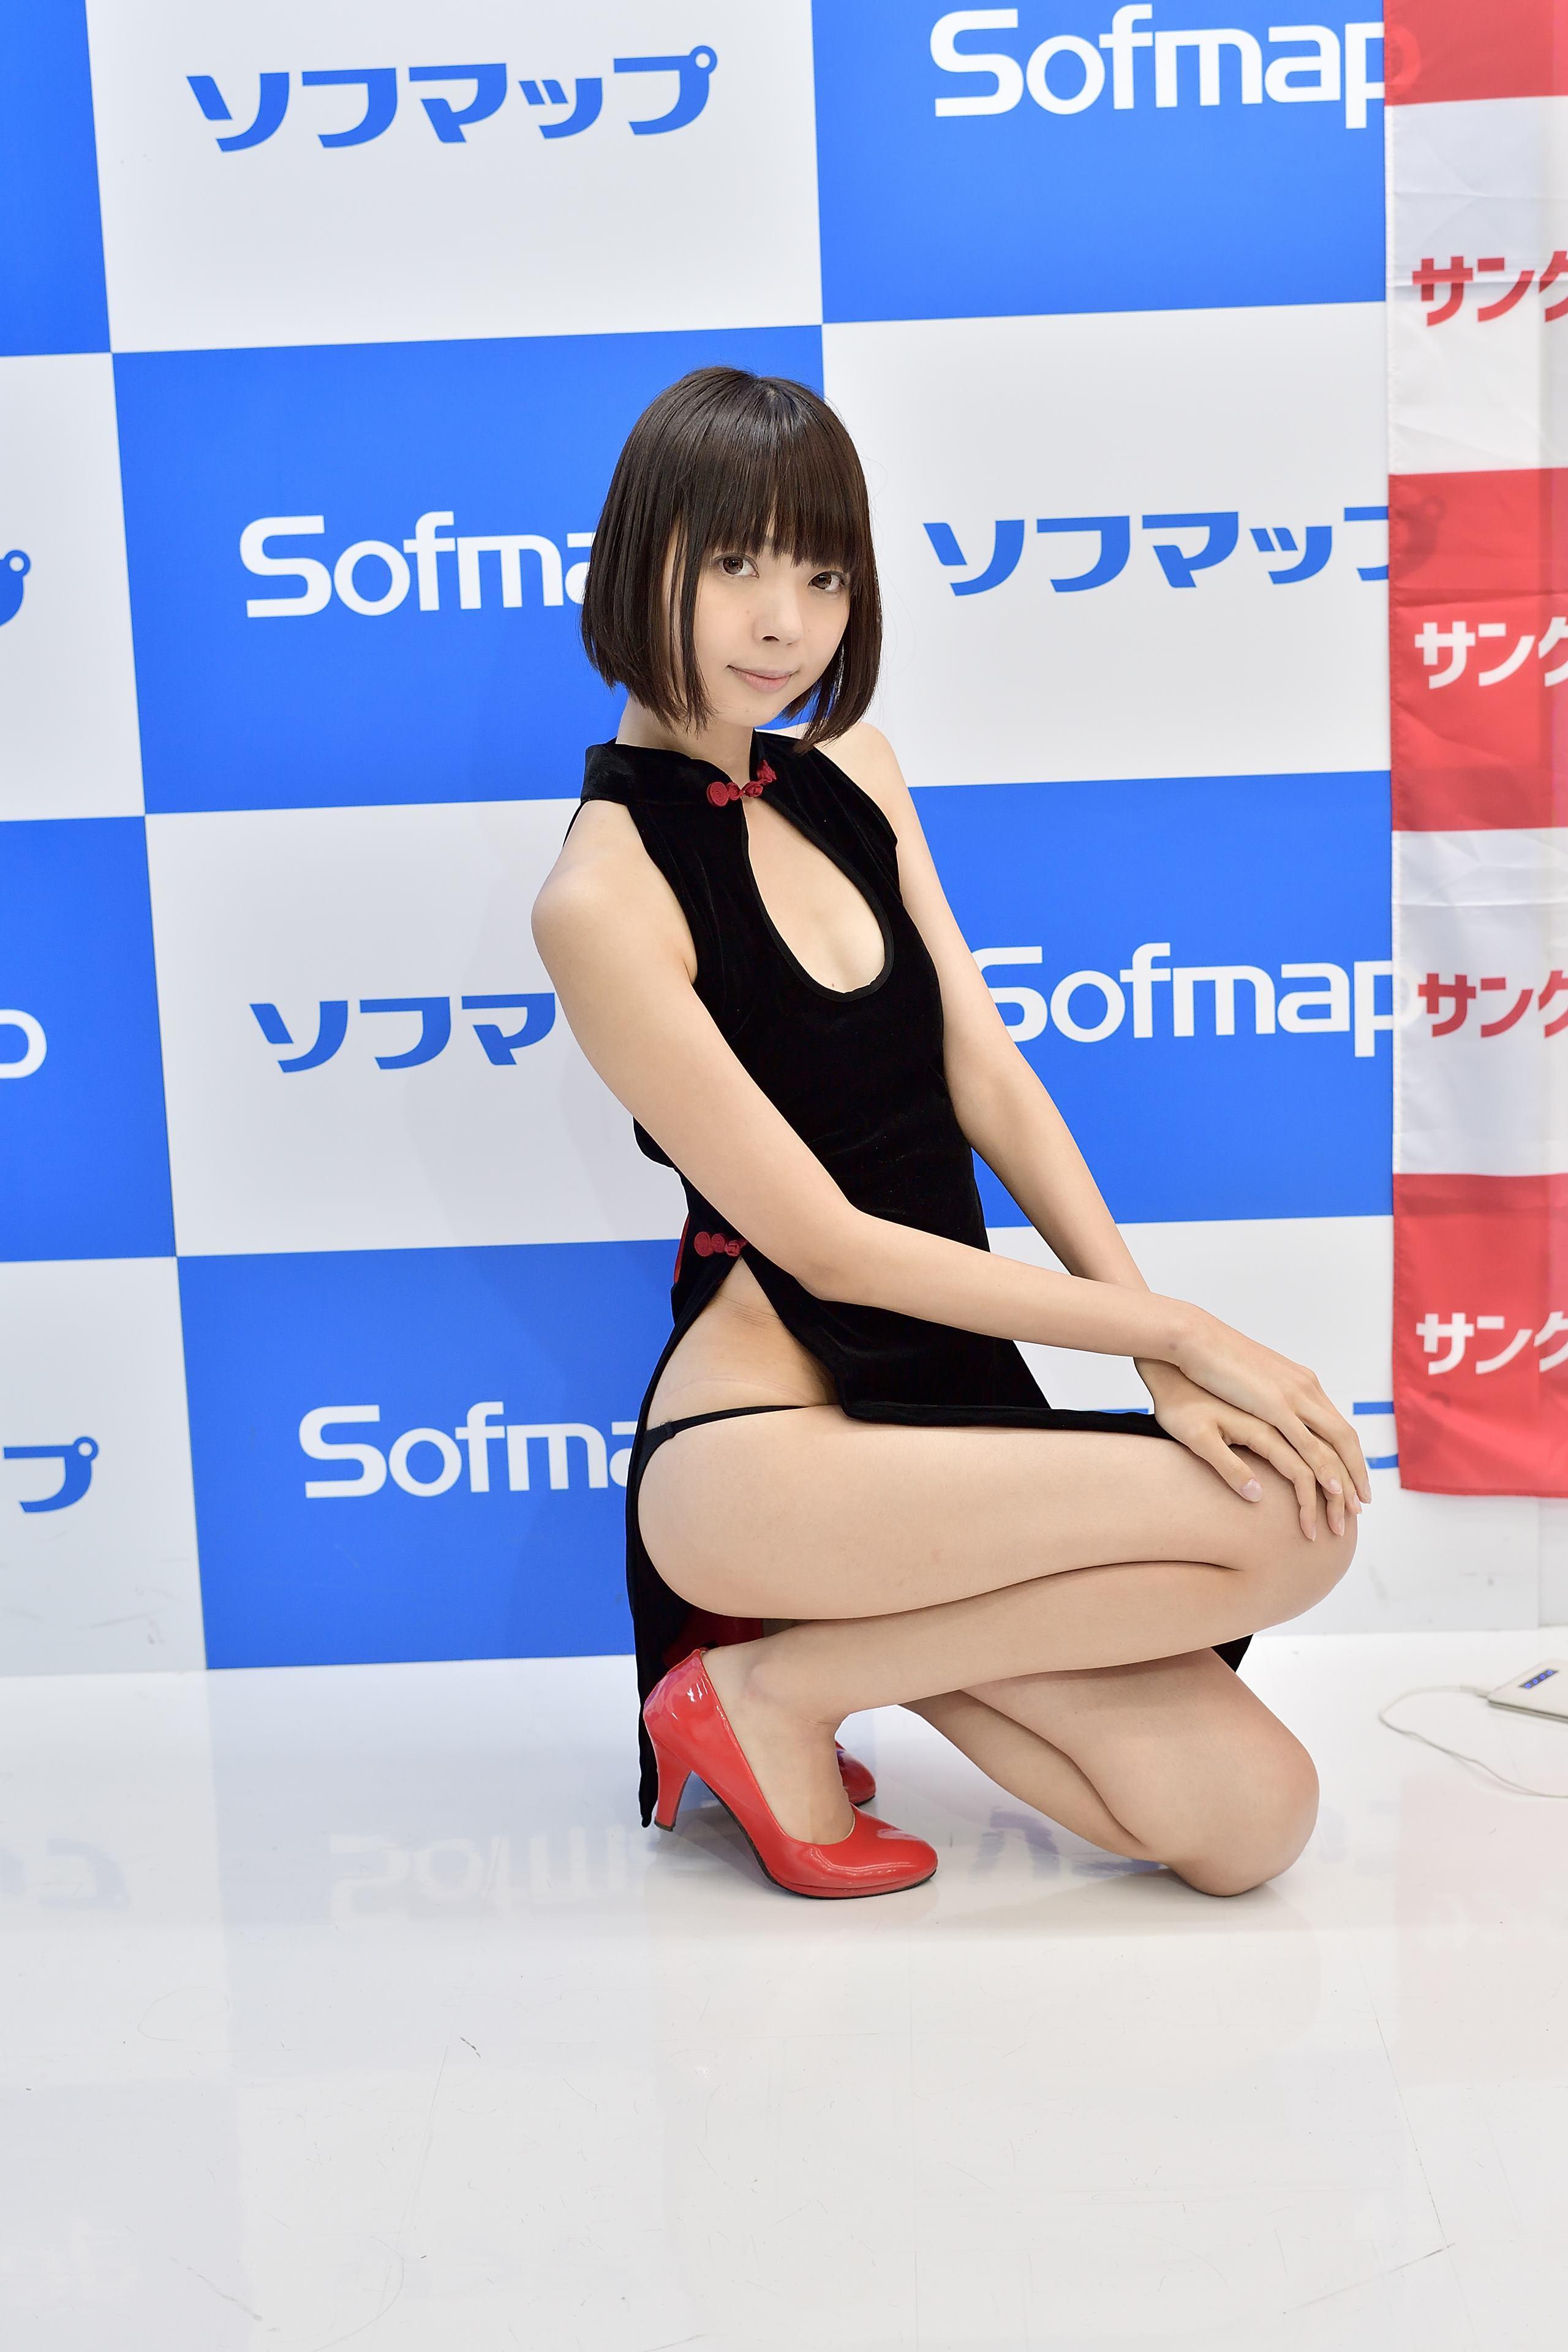 2019年06月14日ソフマップ4号館8階撮影会報告_e0194893_20294381.jpg